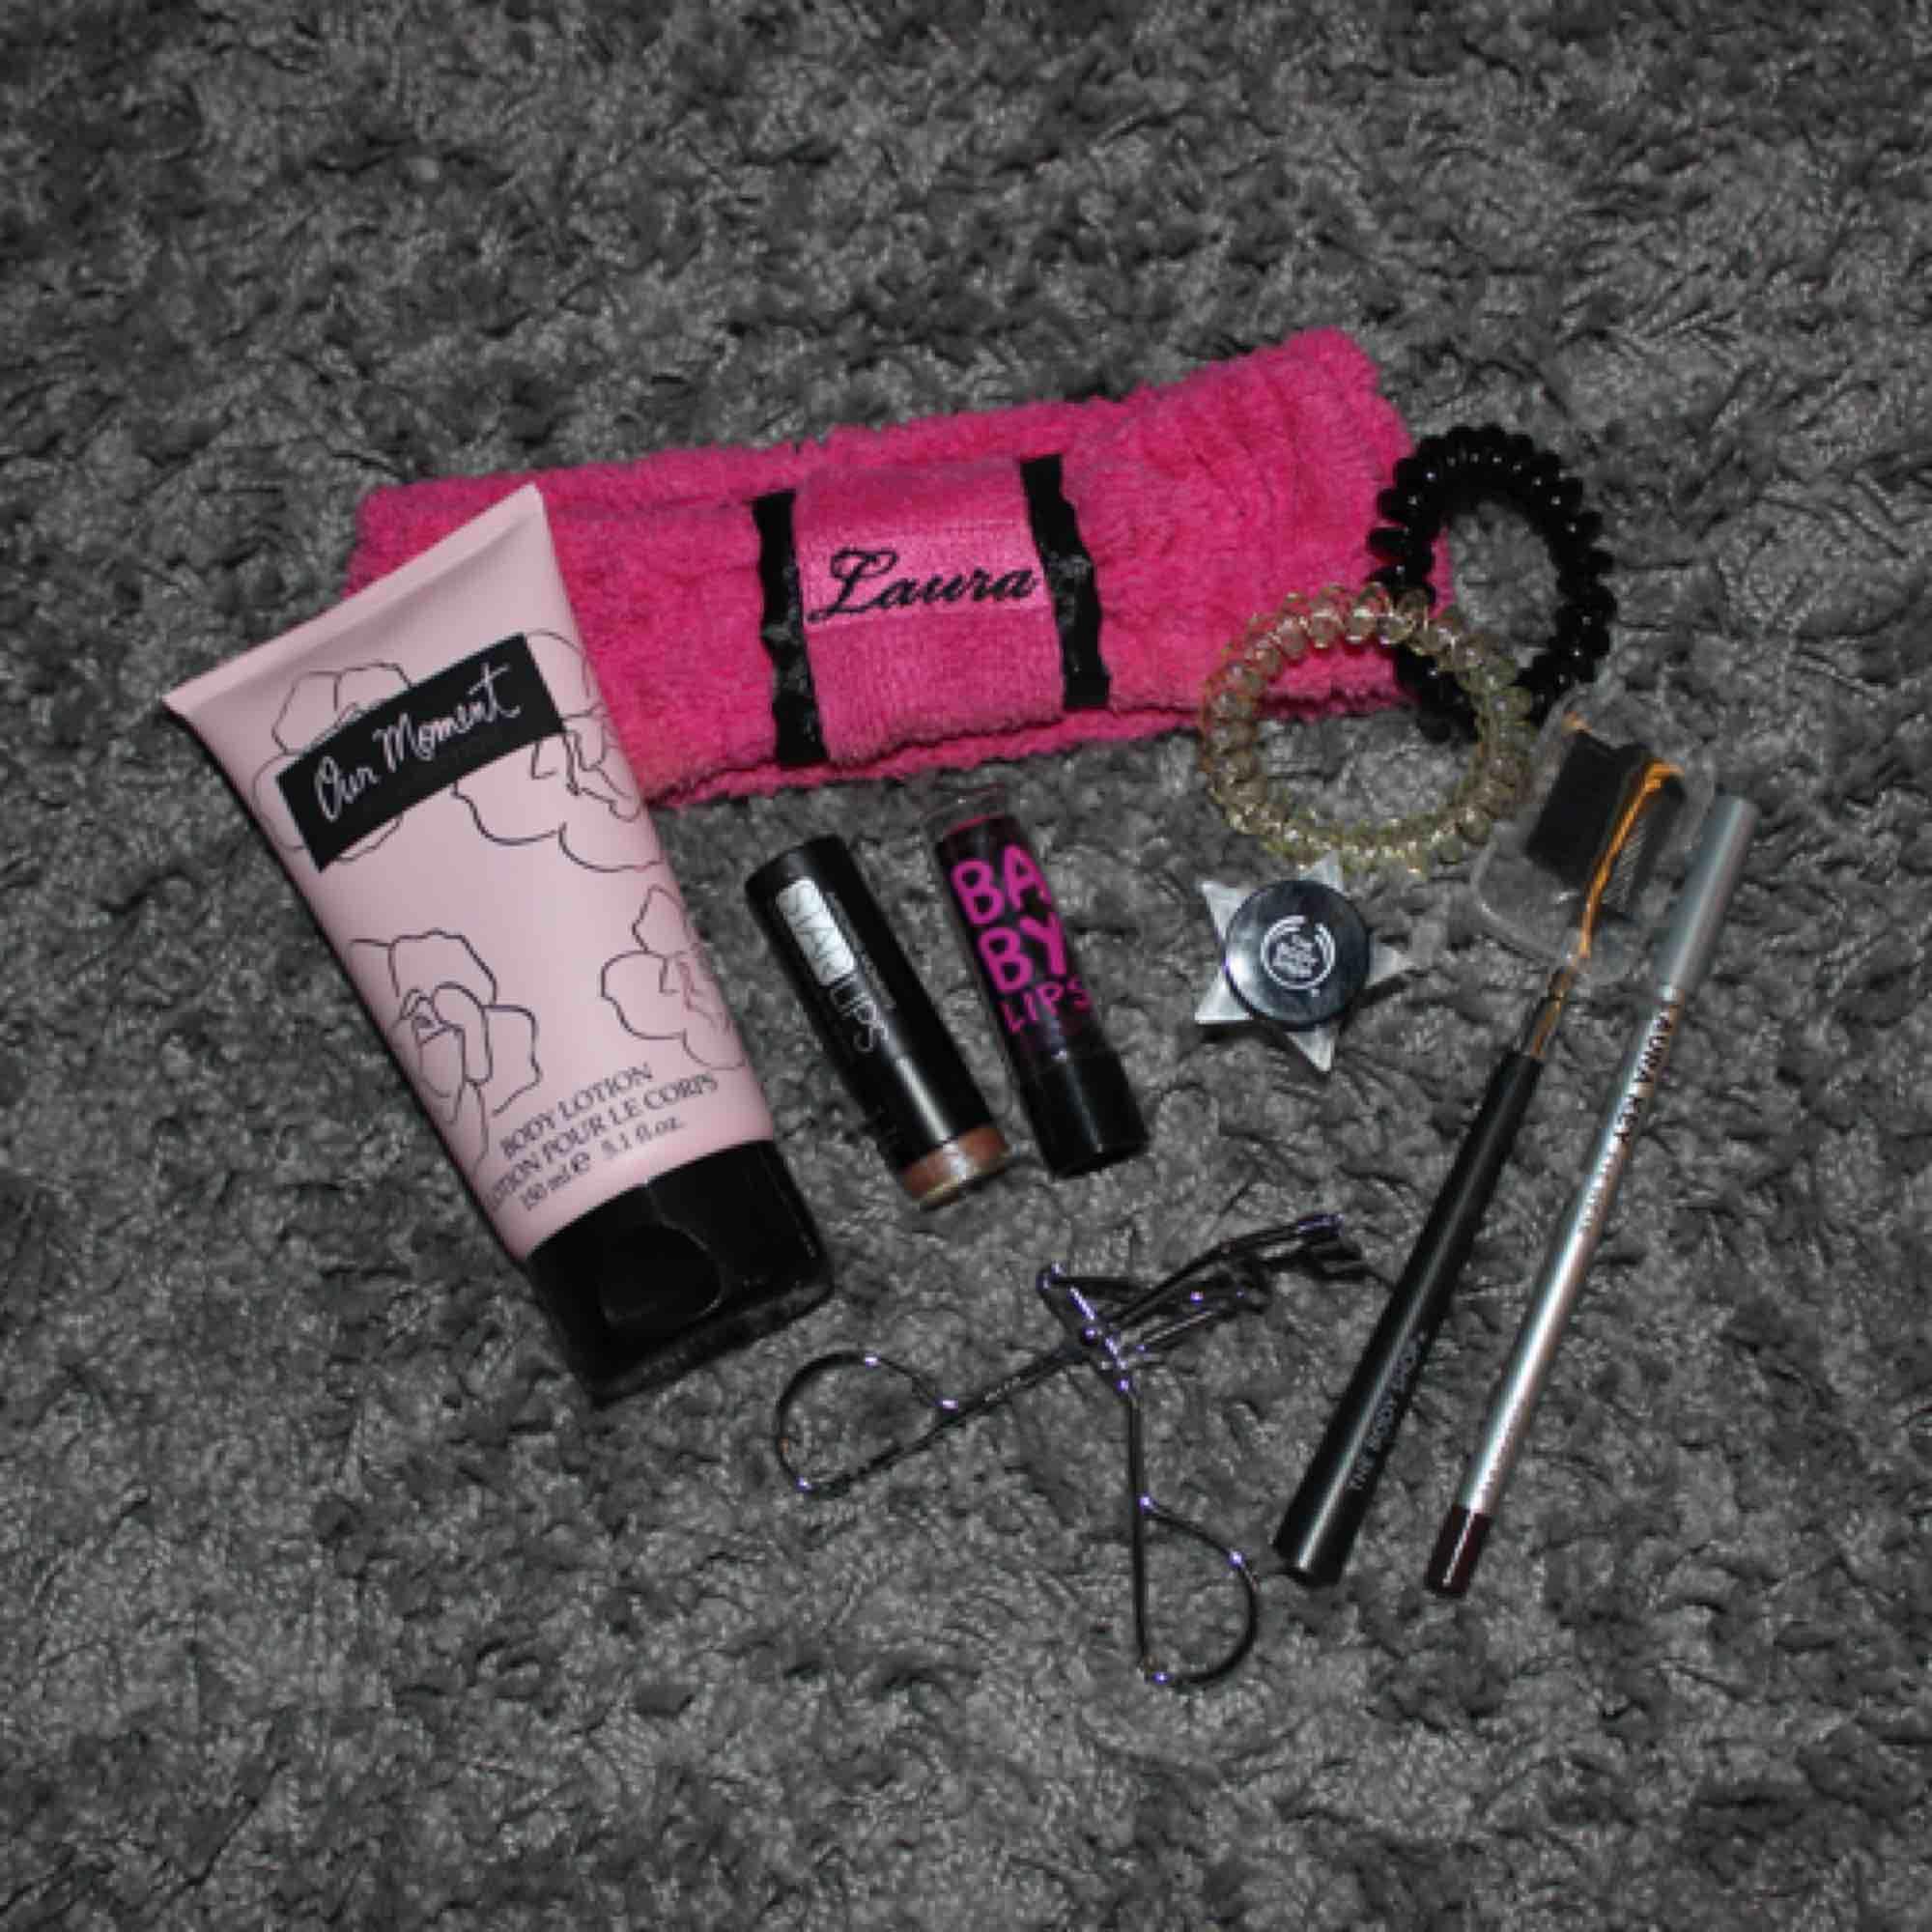 Säljer ett paket med blandade produkter för 50 kr + frakt.   •Hårband  •Body lotion (our moment - One direction)  •2 läpprodukter  •Kajal & ögronbrynsborste •2 hårsnoddar (av gummi) •glitter (smink, som ögonskugga etc) •Ögonfransböjare  . Accessoarer.